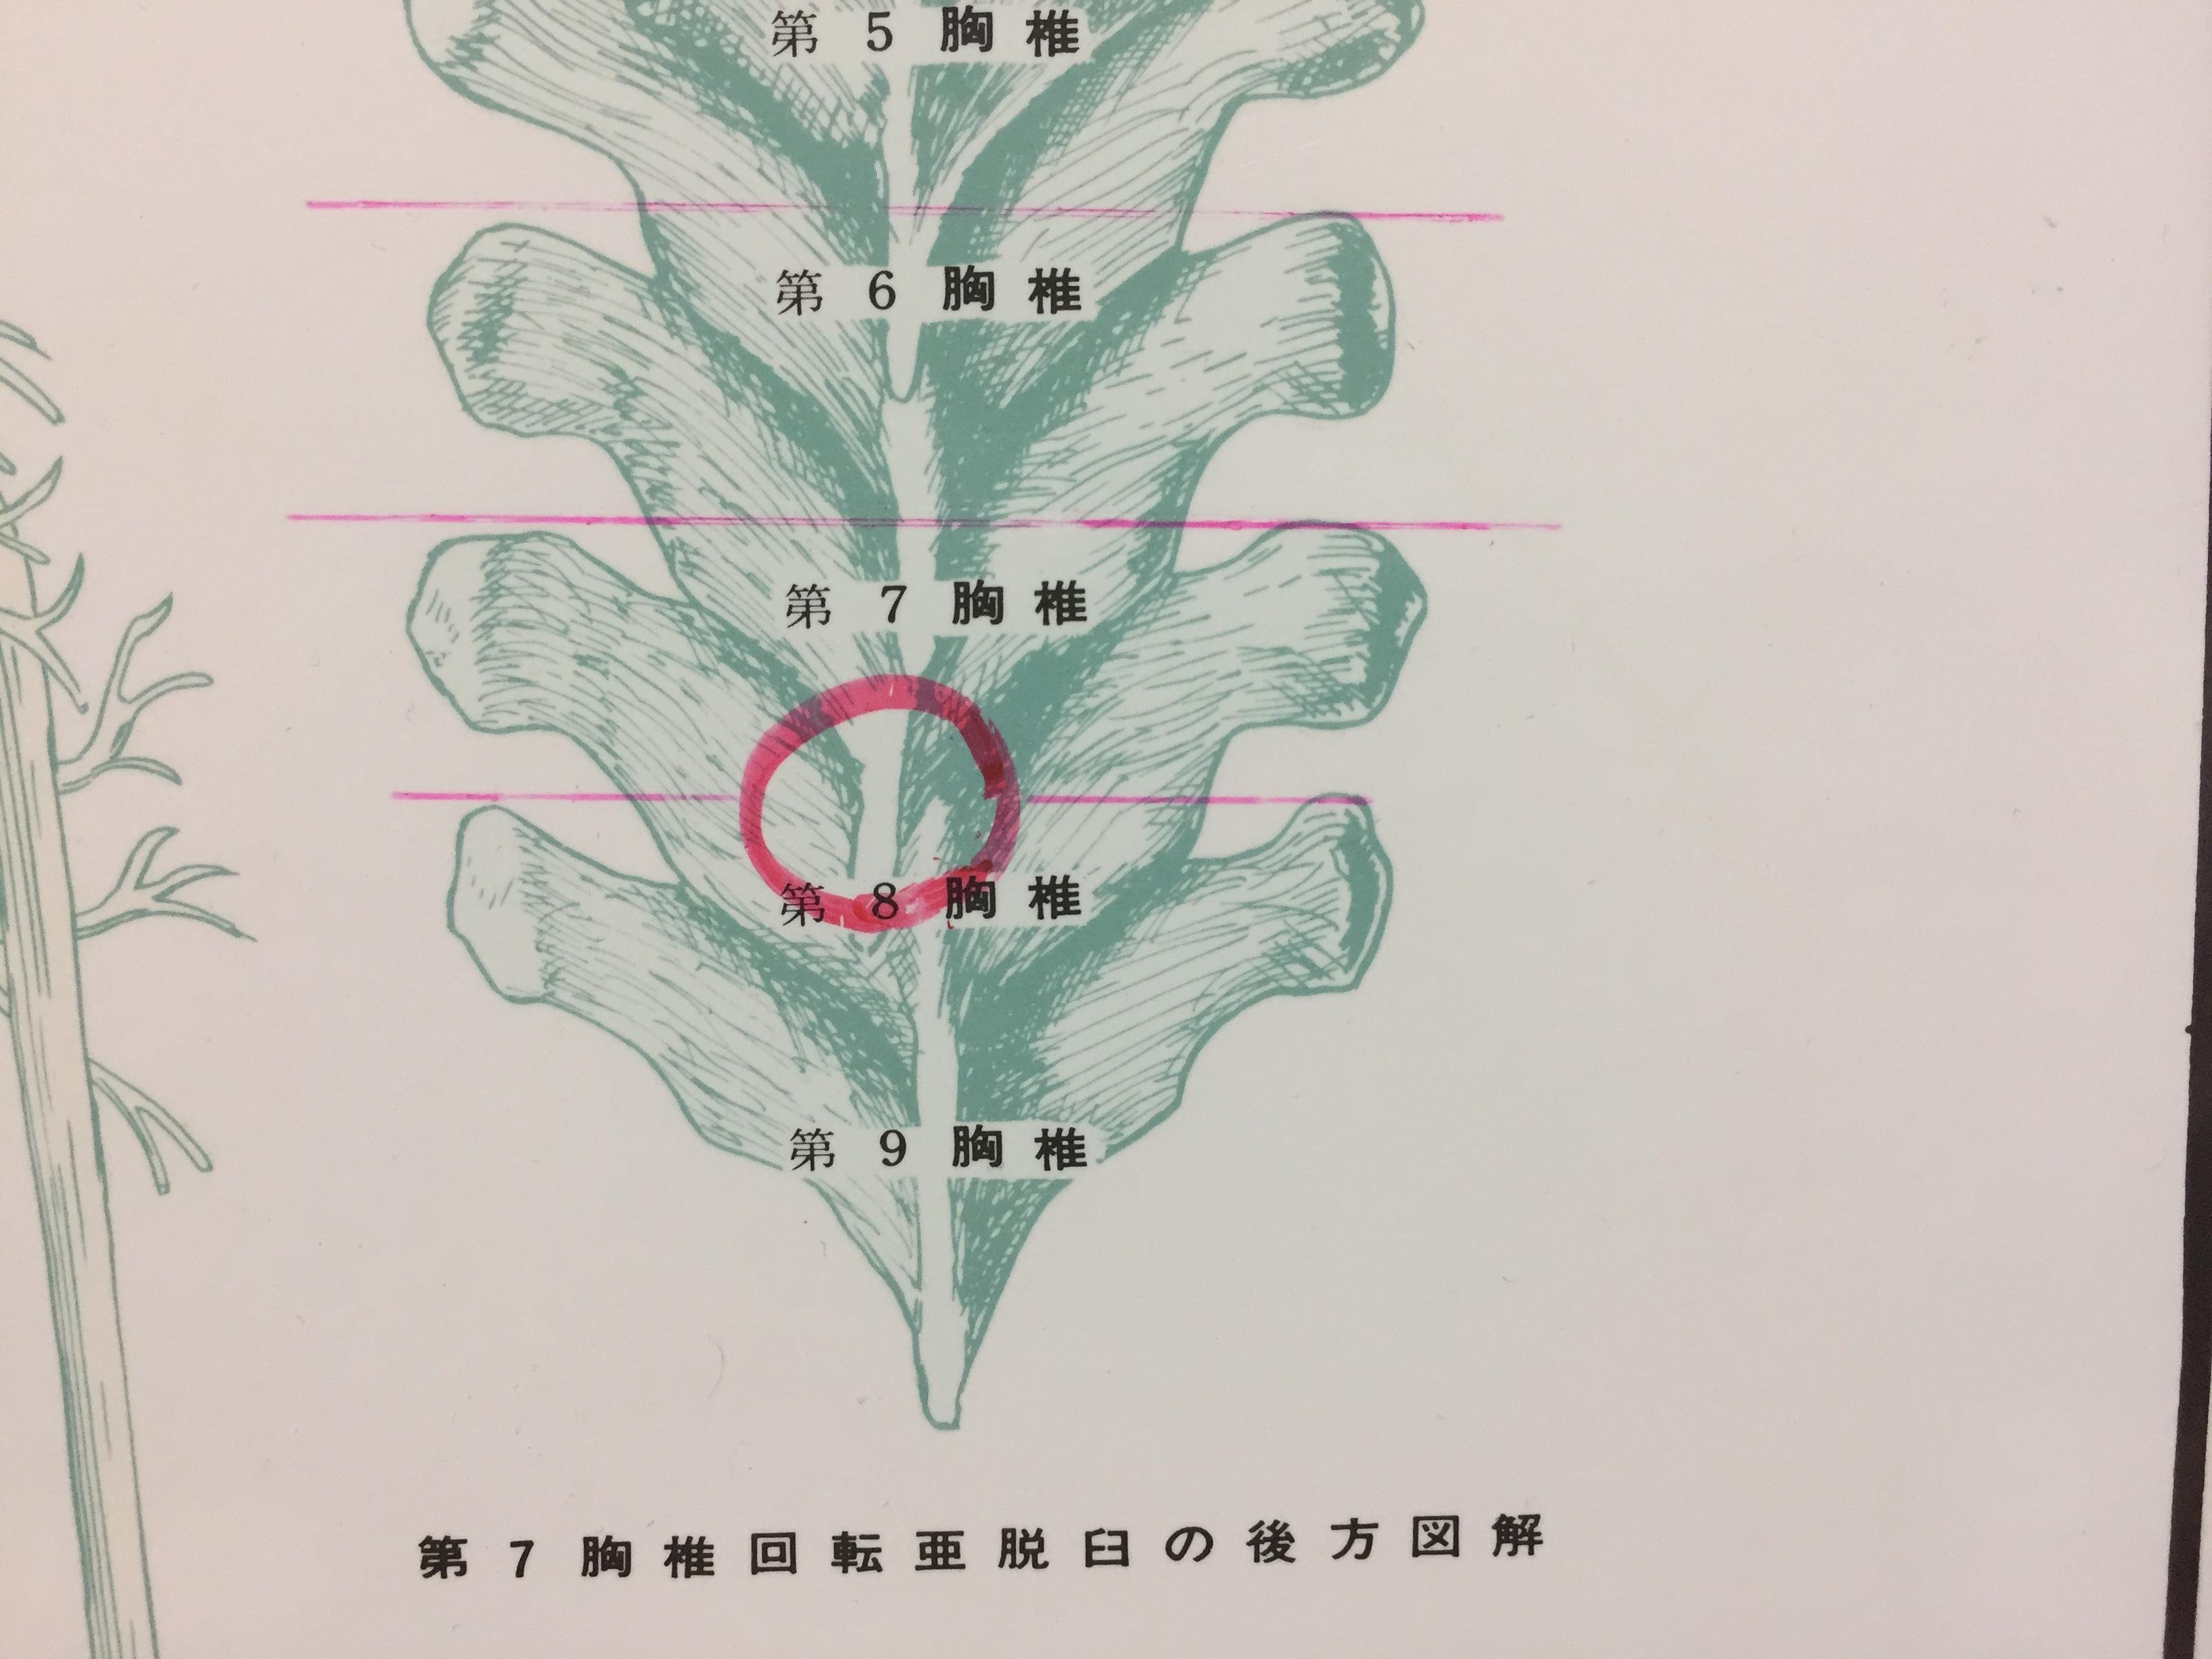 8胸椎.jpg